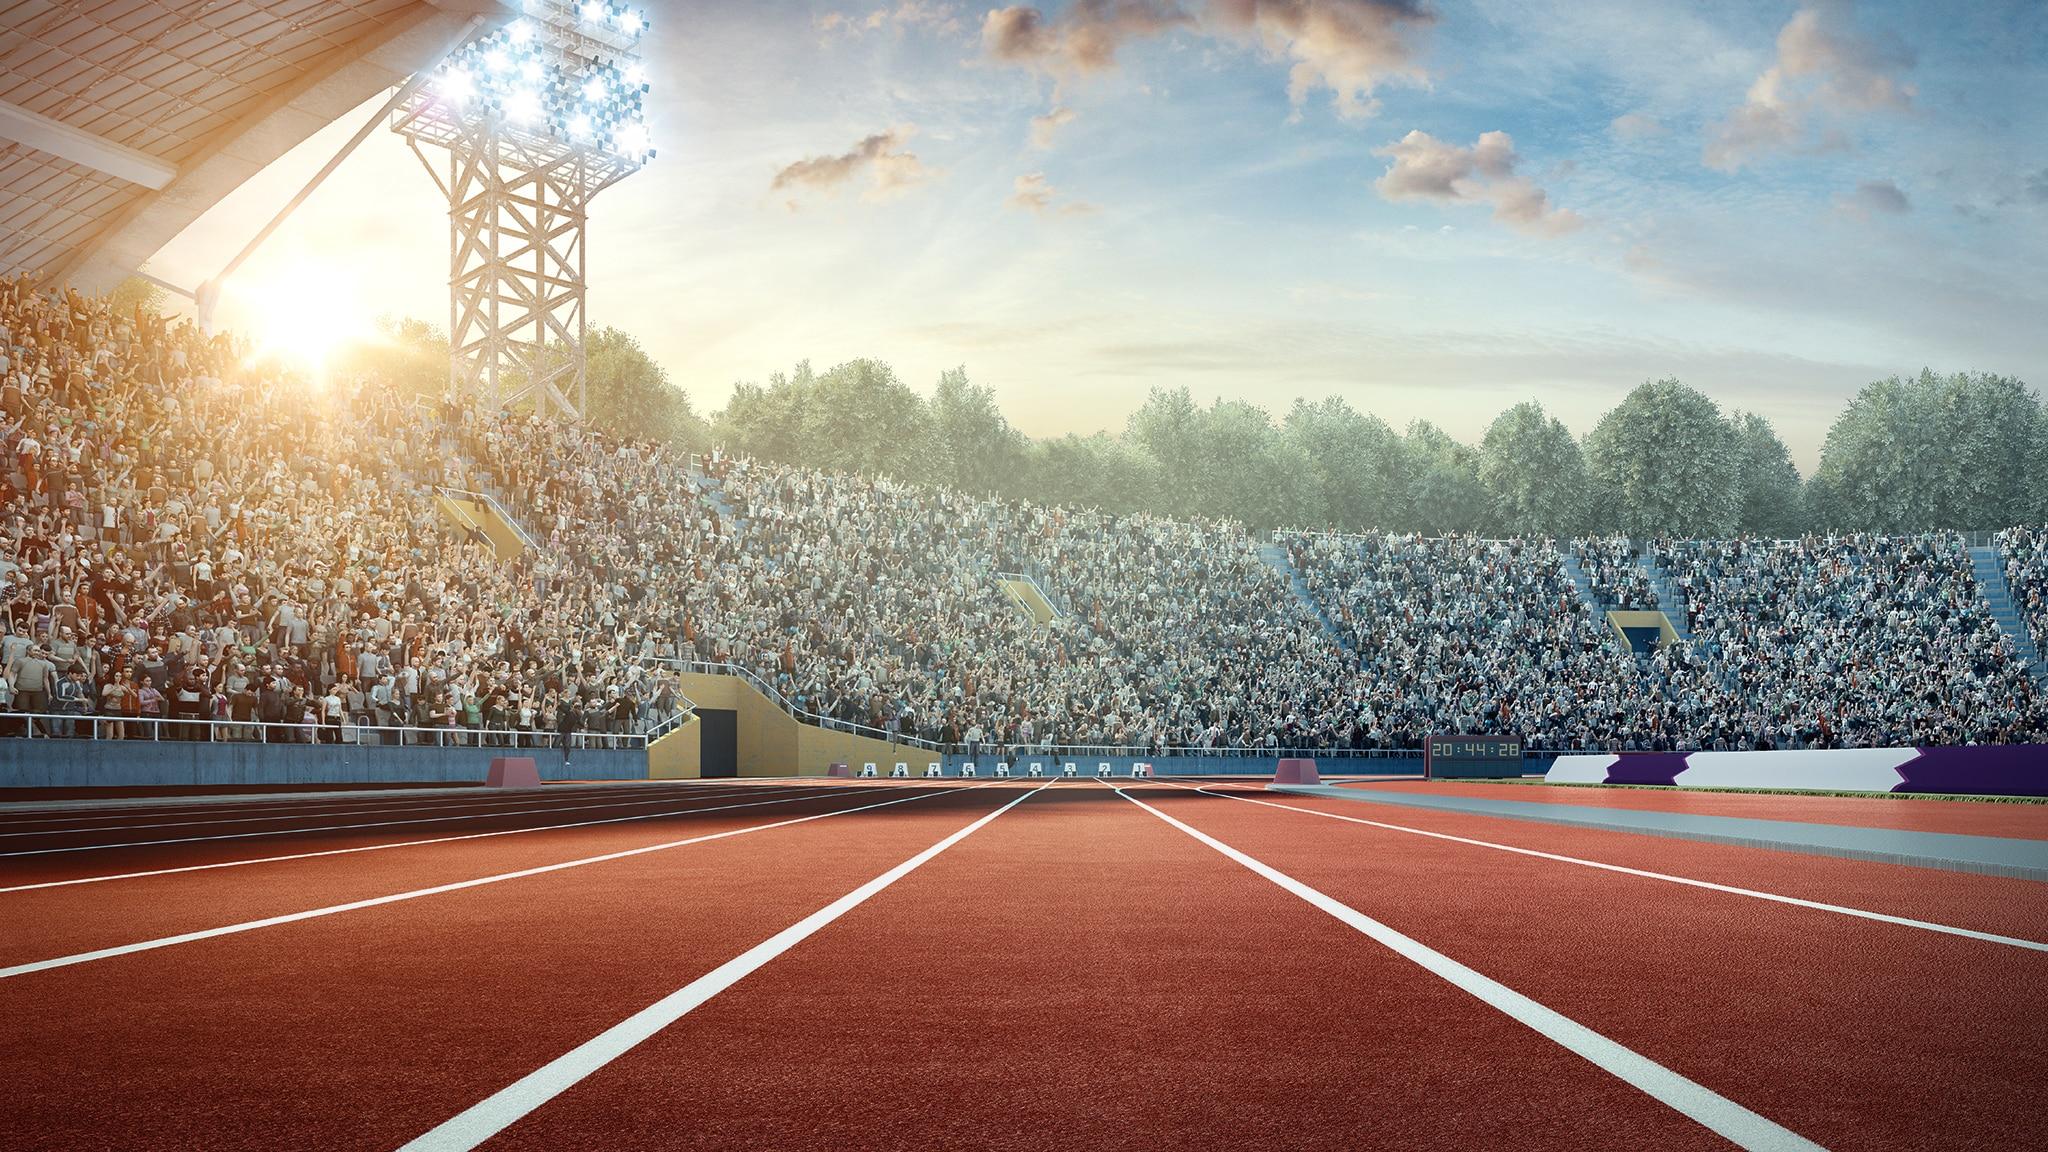 Rai Sport+ HD Sport Paralimpici: Campionati Mondiali Atletica Leggera 2019 3a giornata - sessione serale